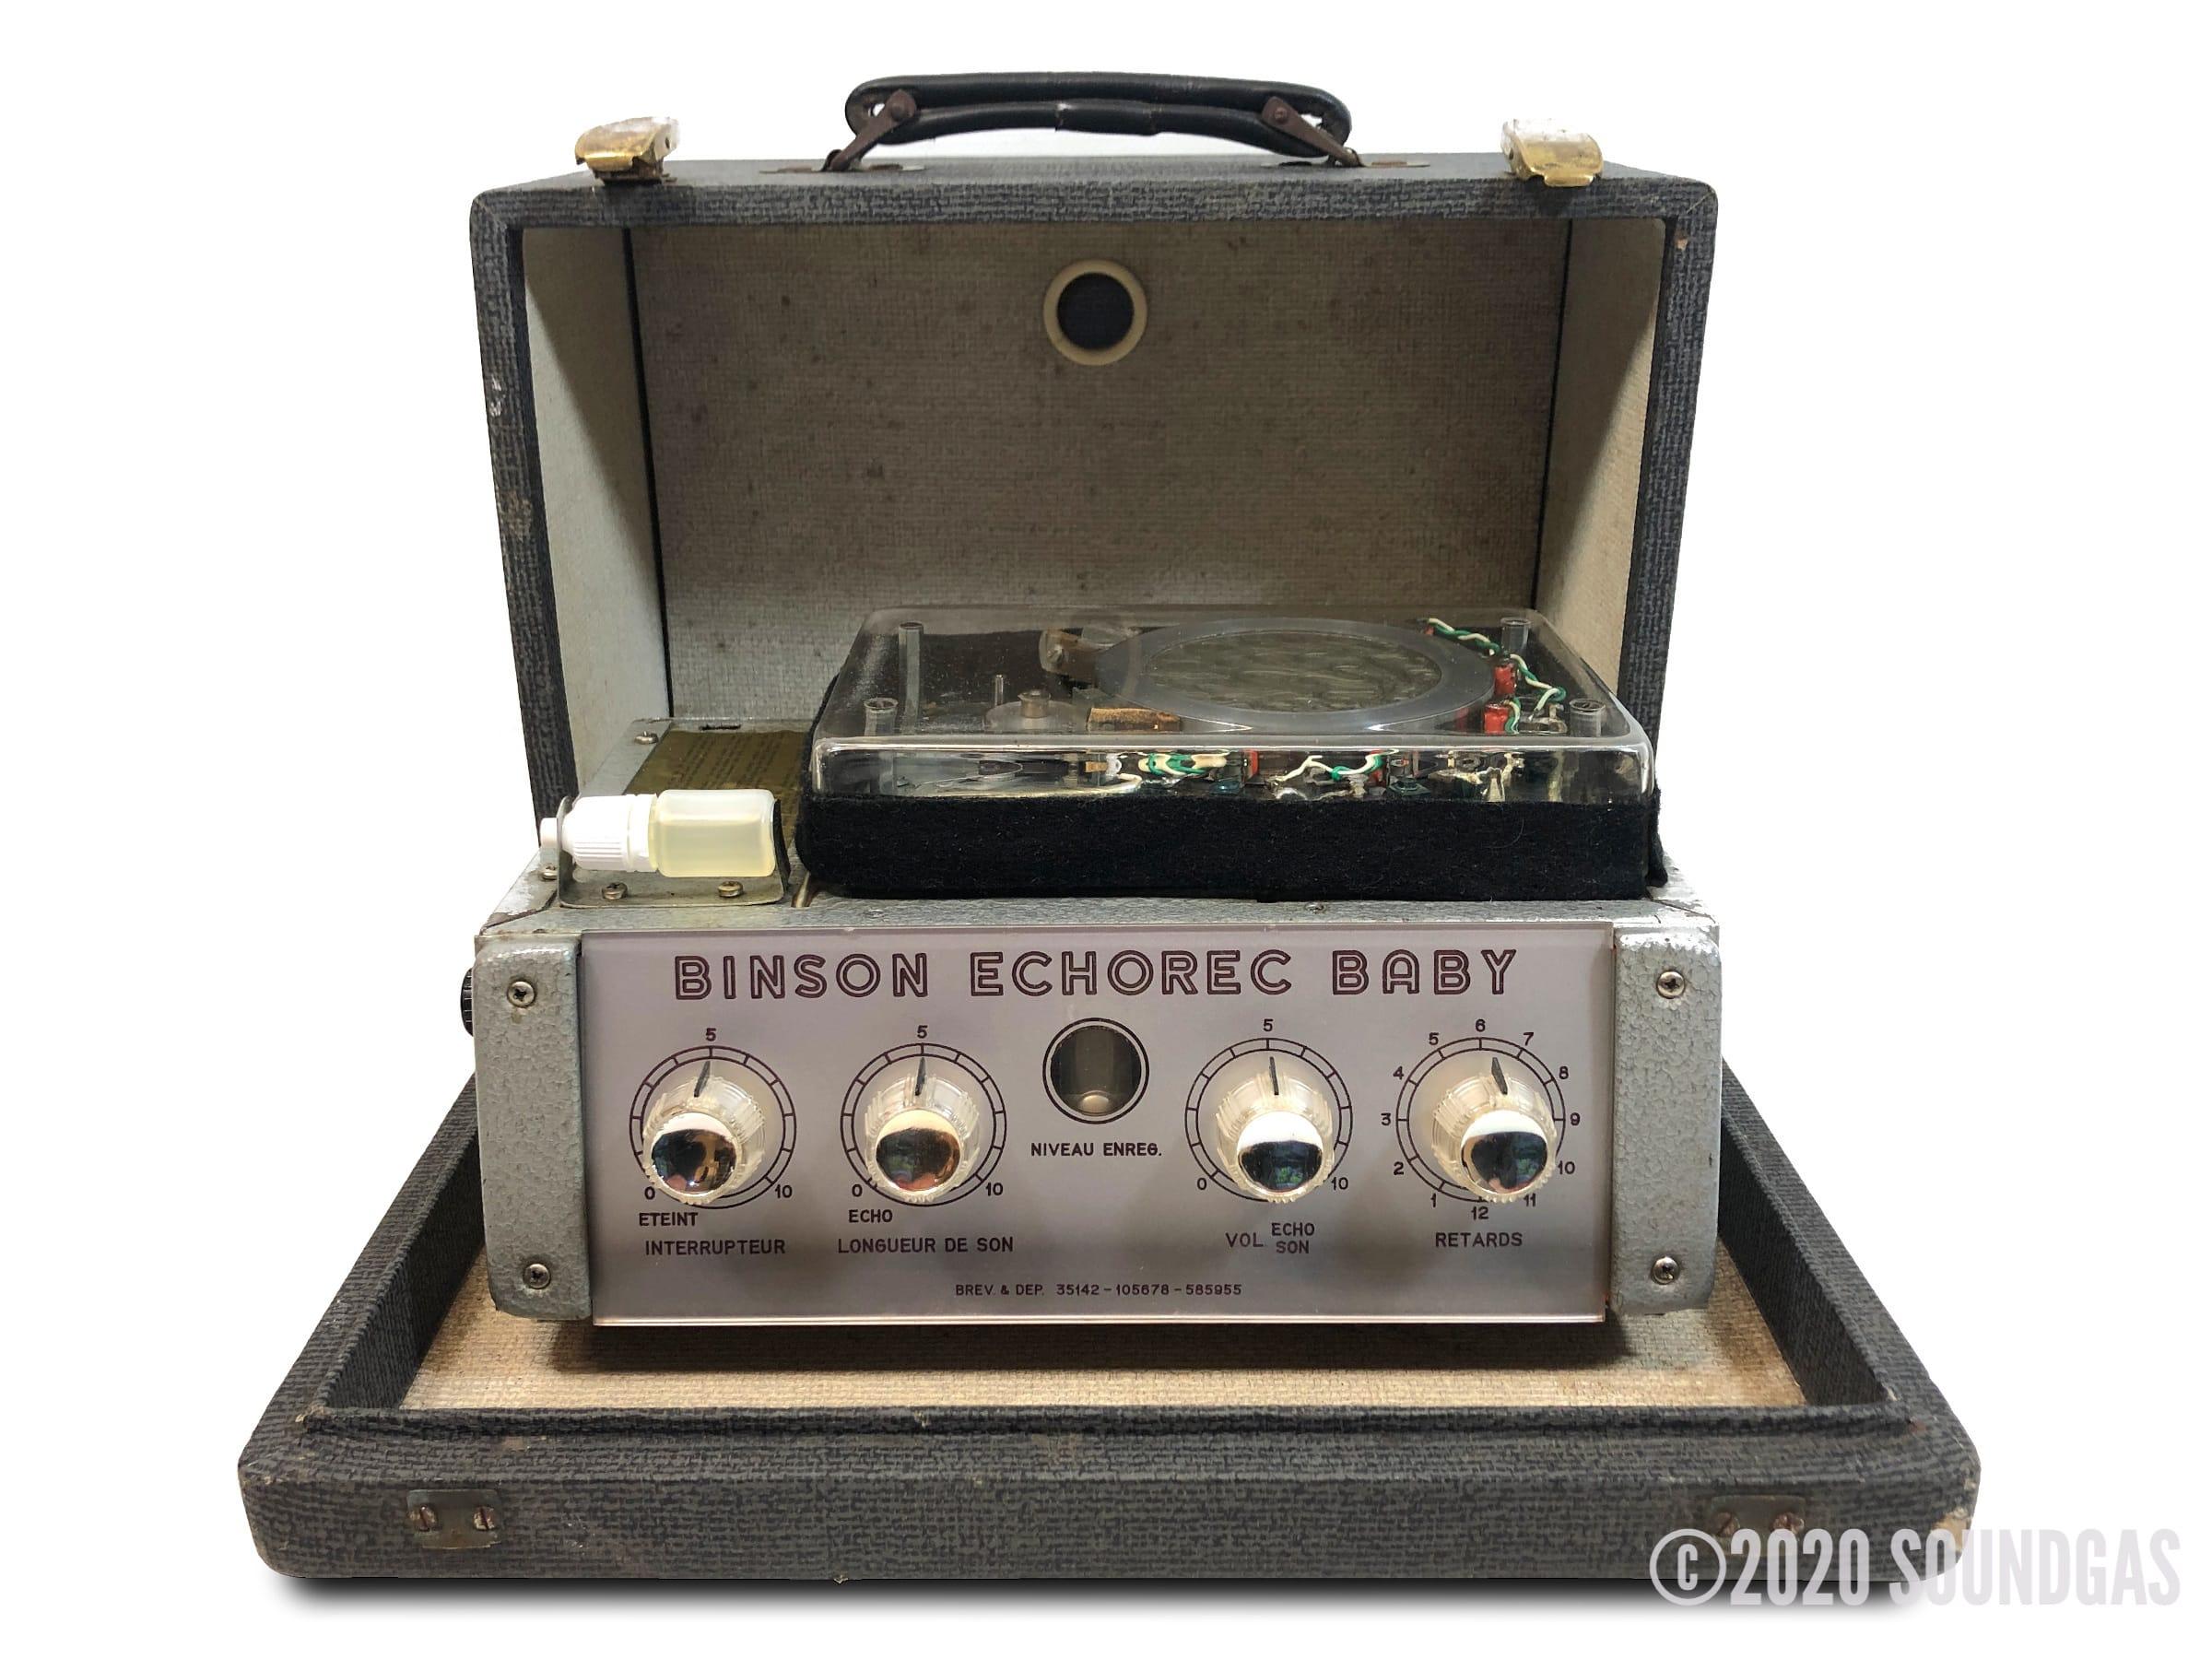 Binson-Echorec-Baby-Disc-Echo-SN2169-Cover-2